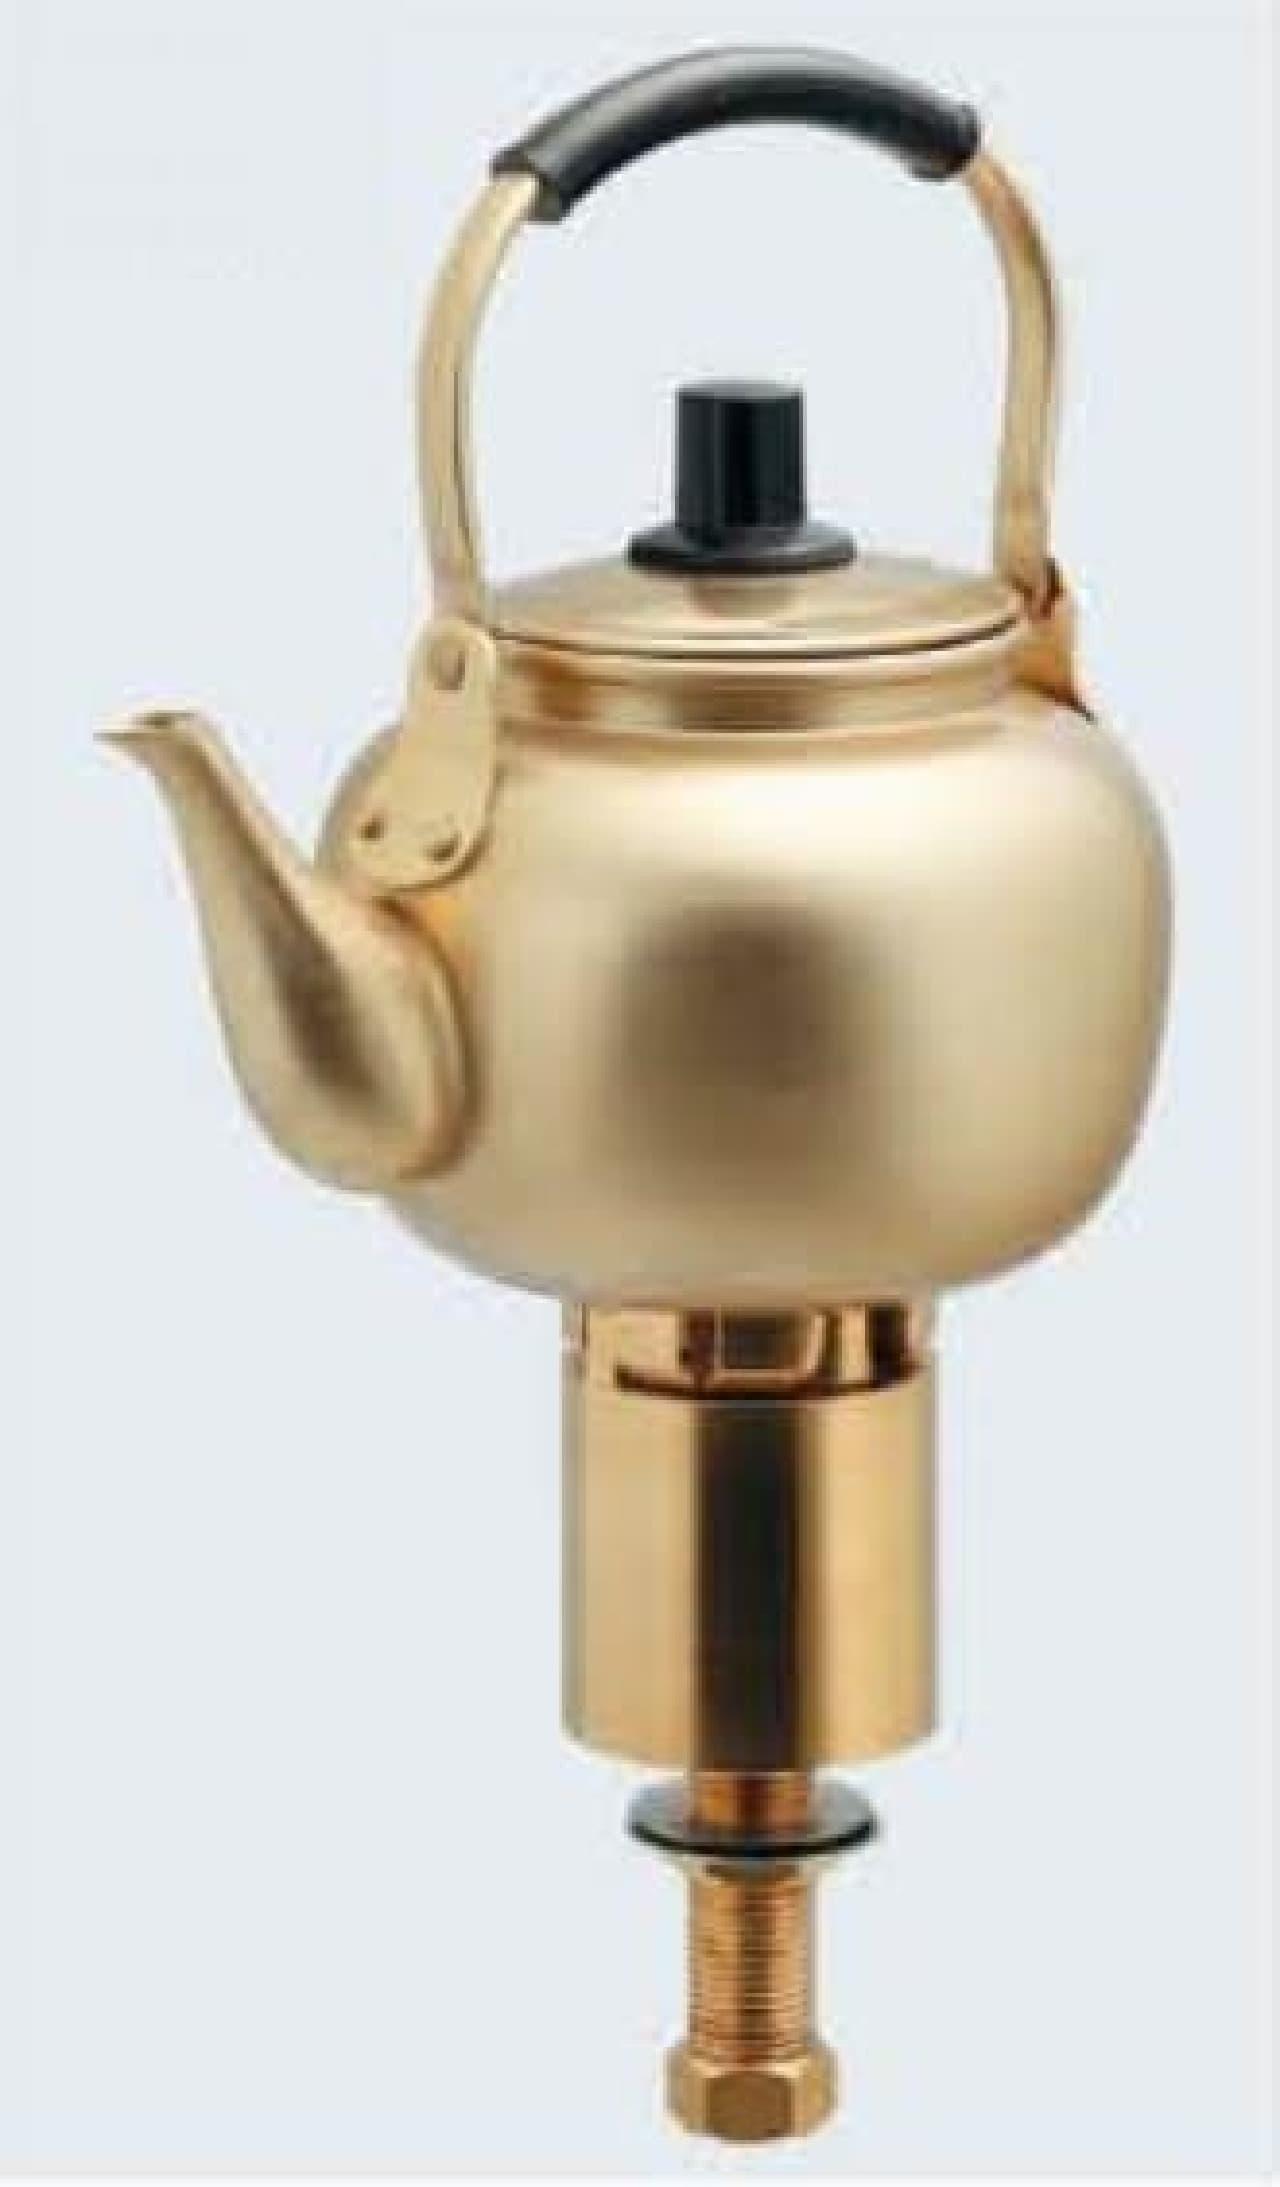 やかん型の水栓「魔法の水」  麦茶がでてきそう?